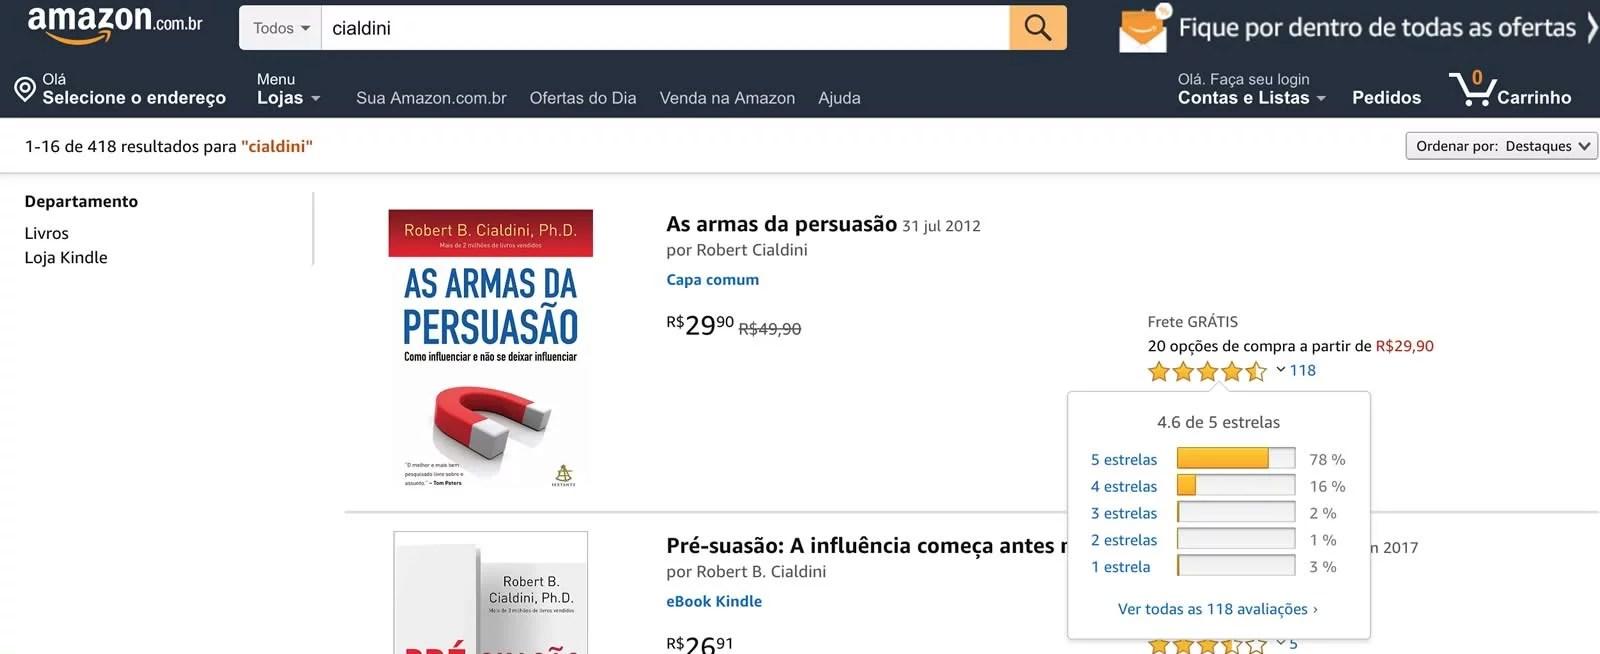 Tela da Amazon.com.br com reviews de clientes